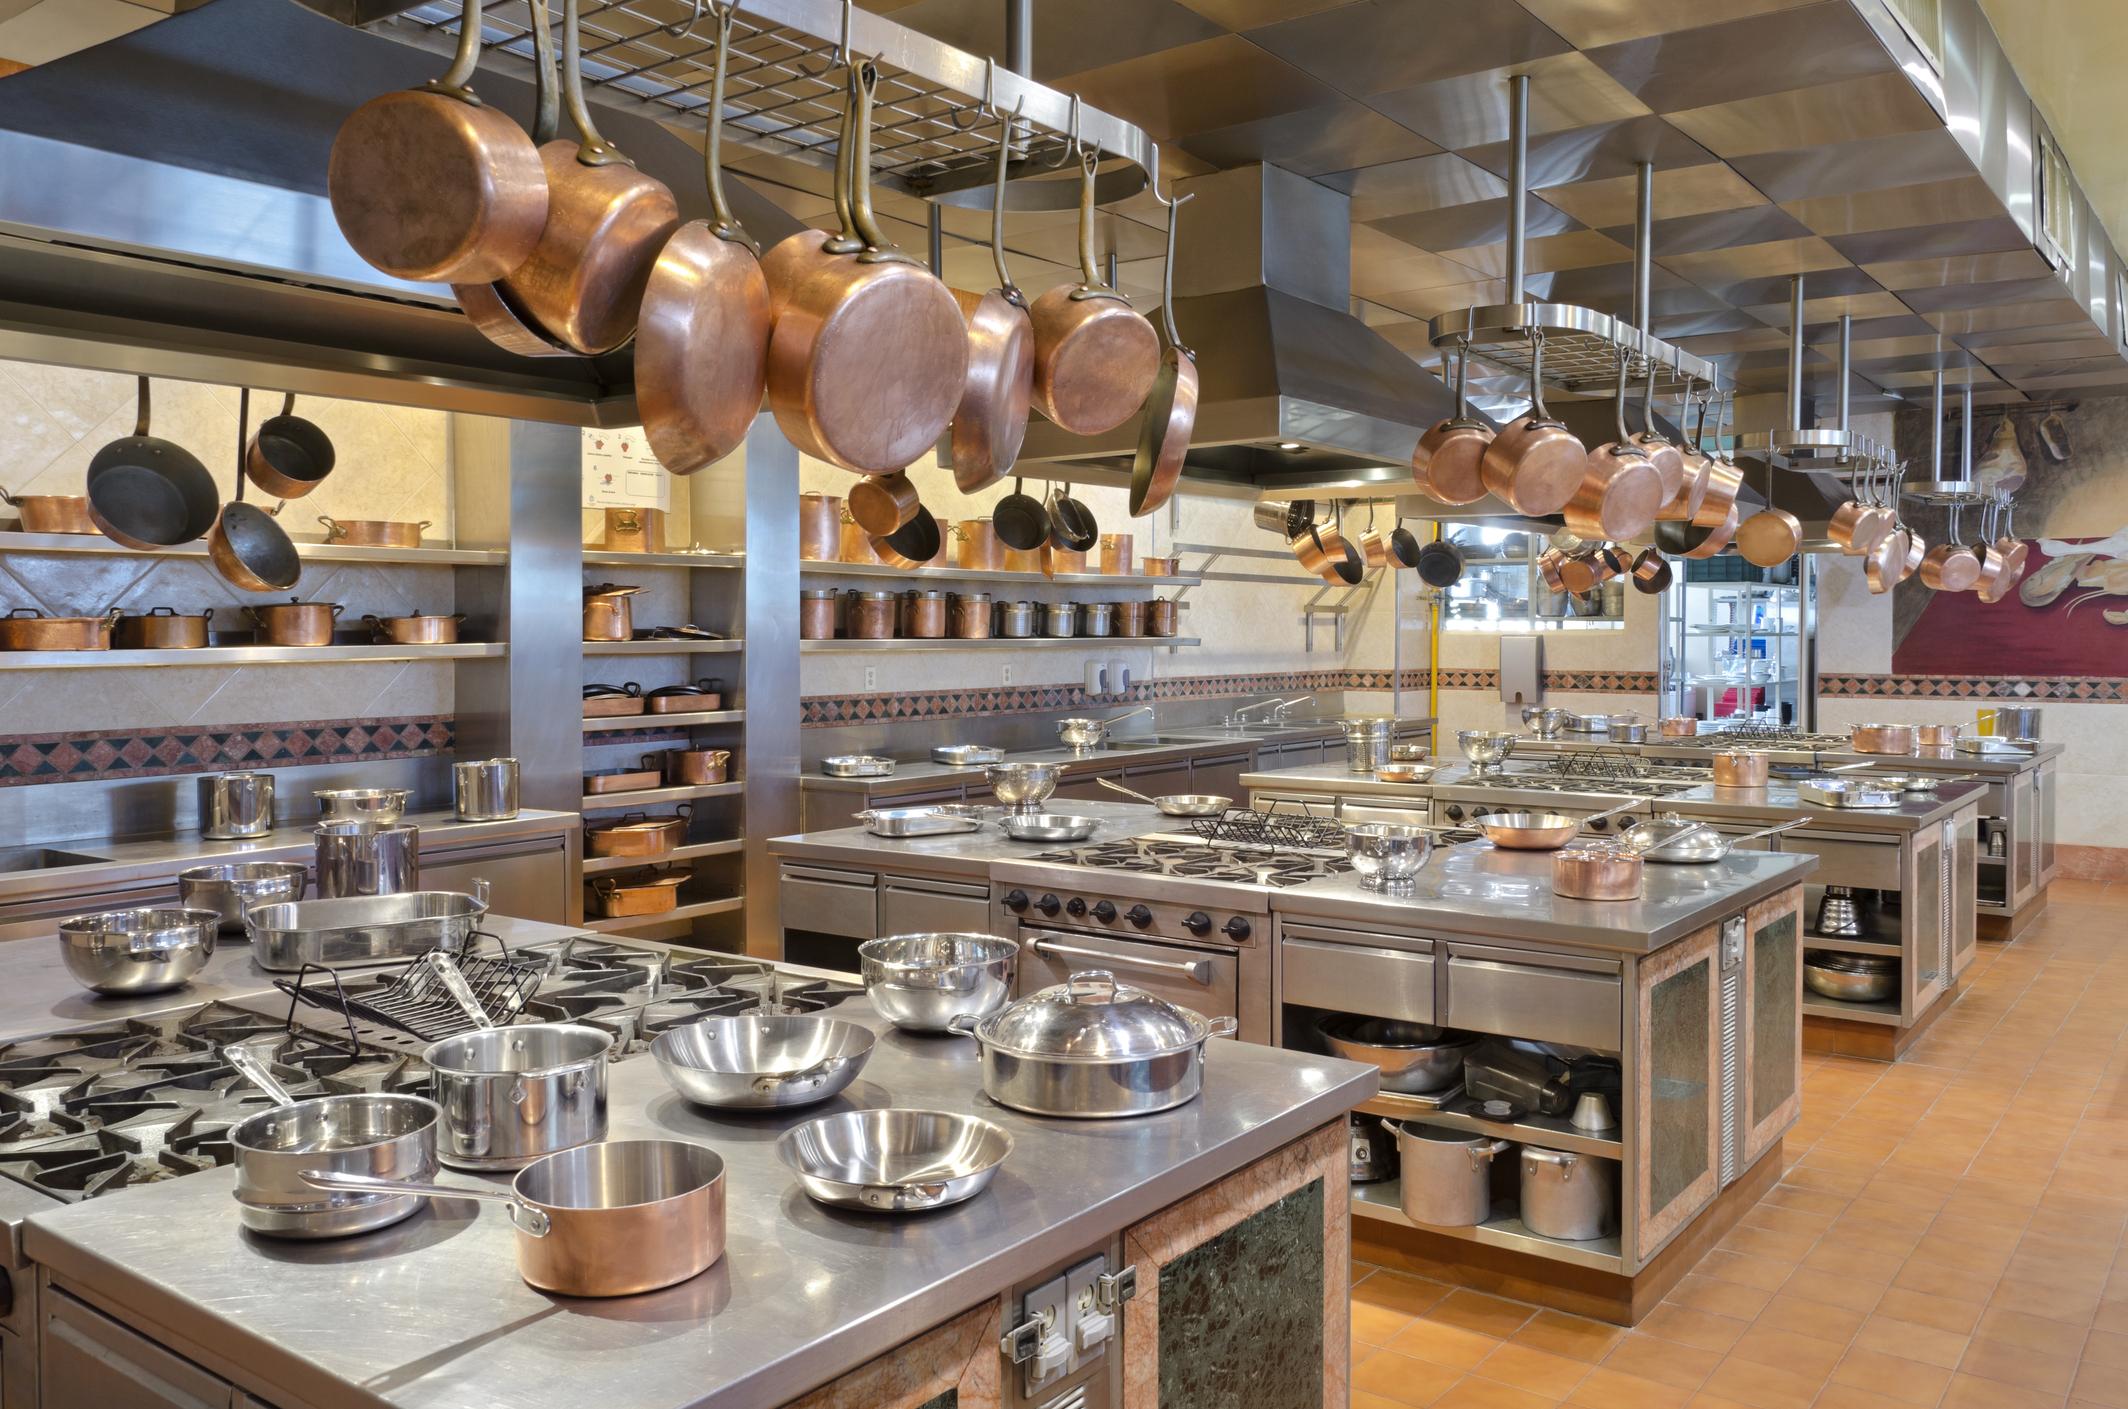 Gourmet kitchen.